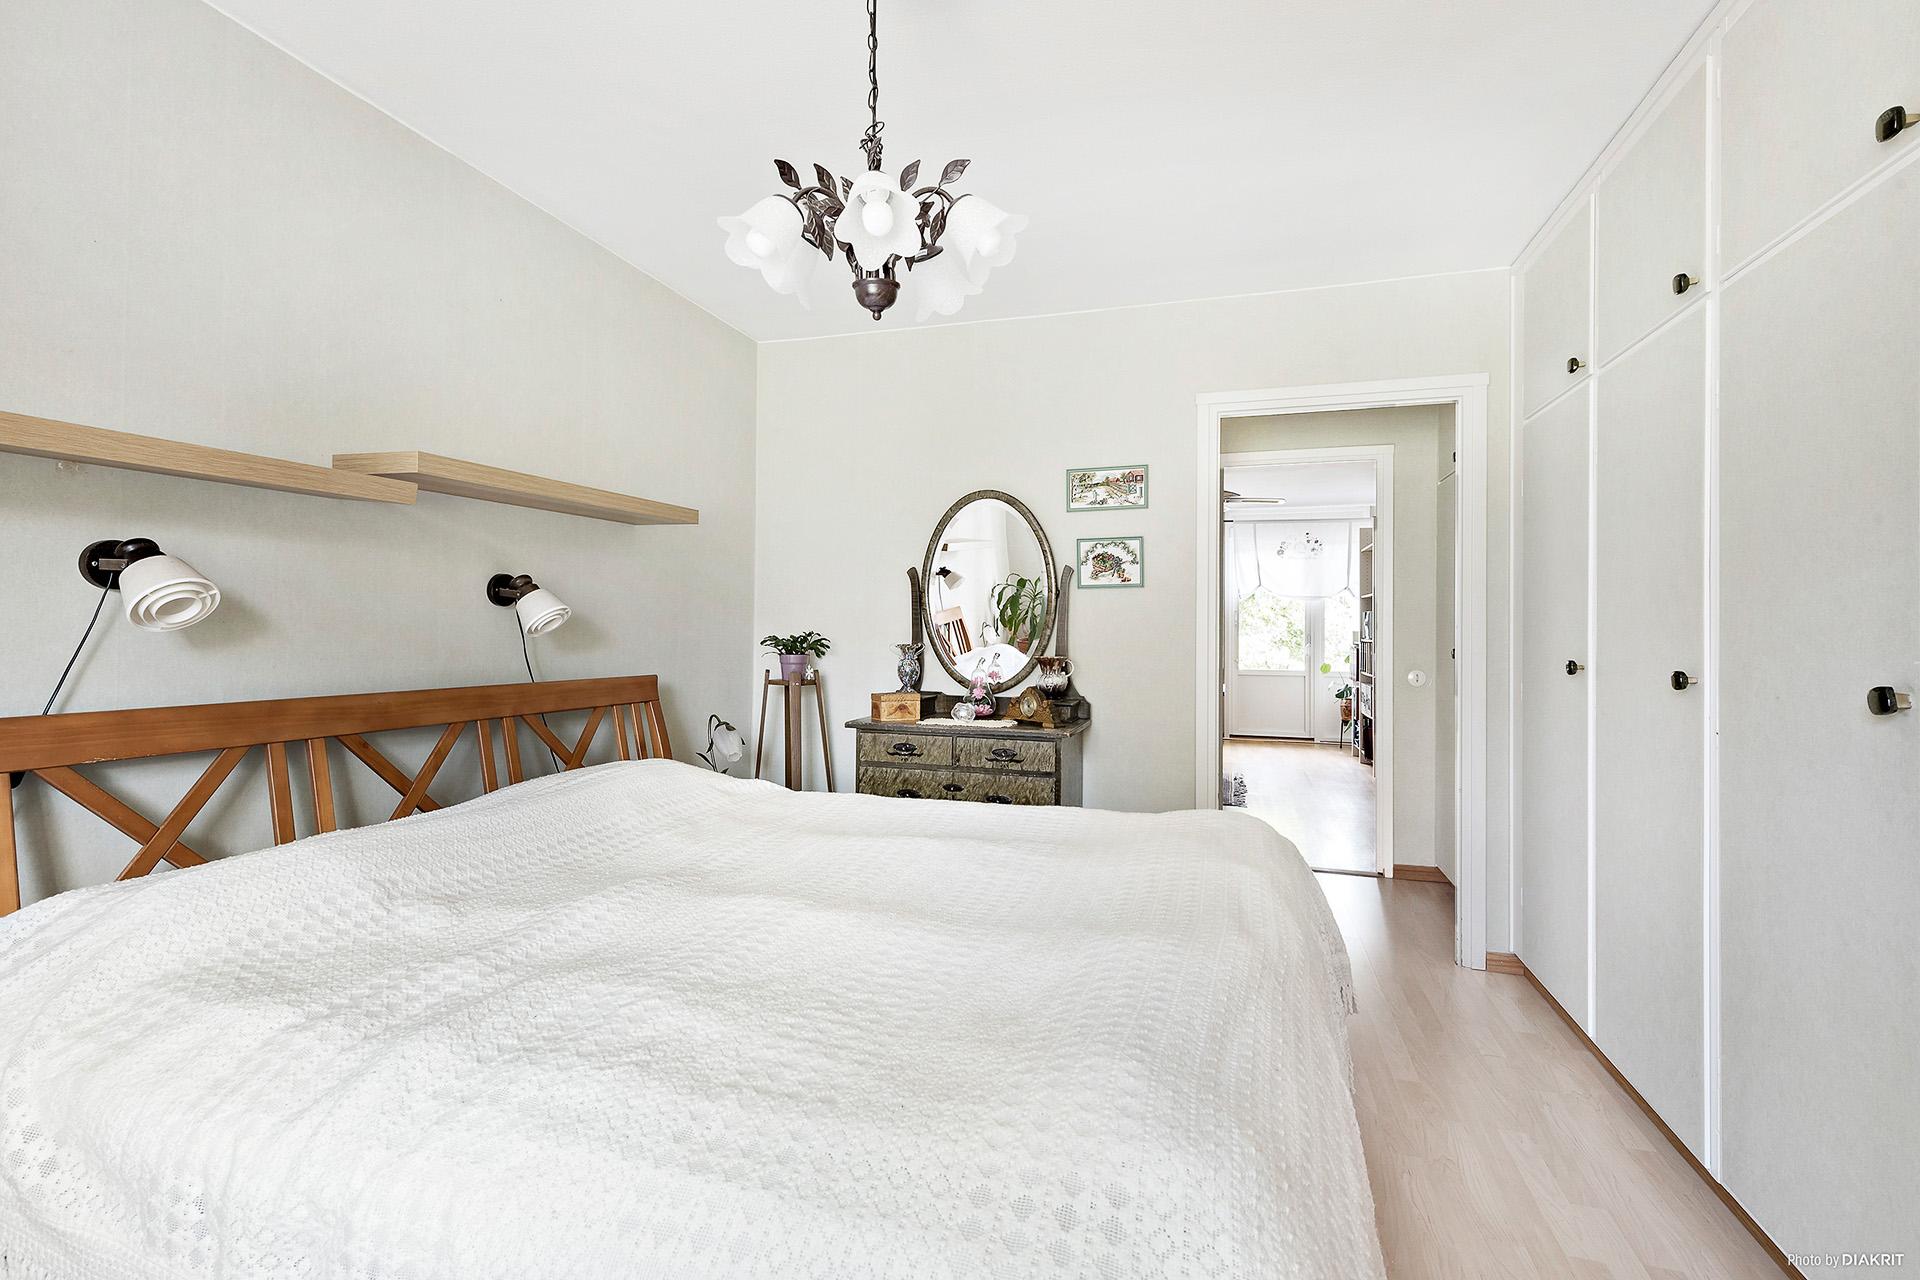 Sovrum (2) med 3 garderober med överskåp